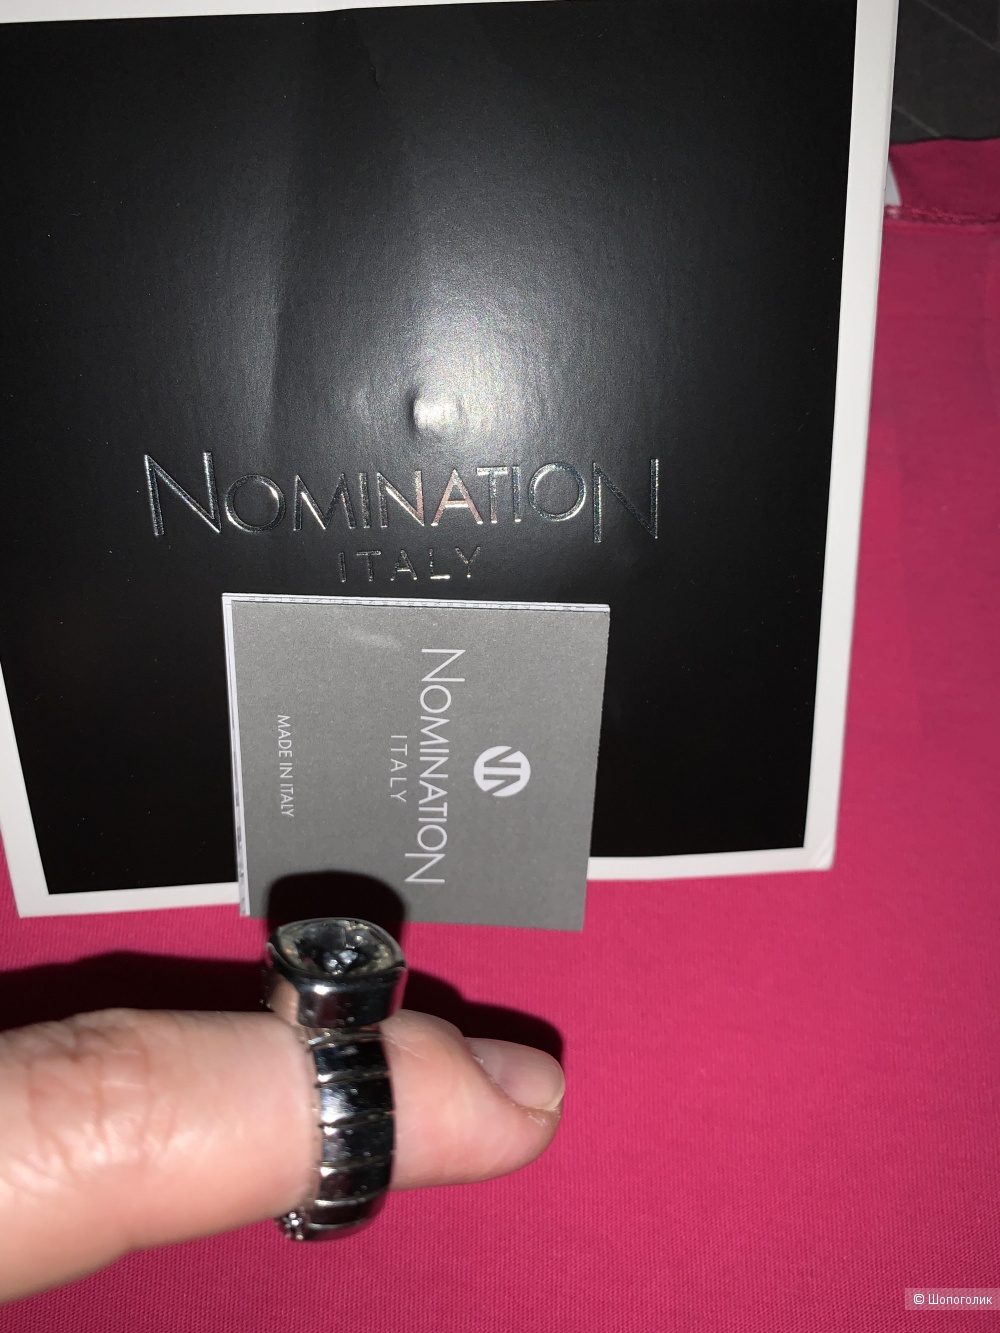 Кольцо Nomination, Италия